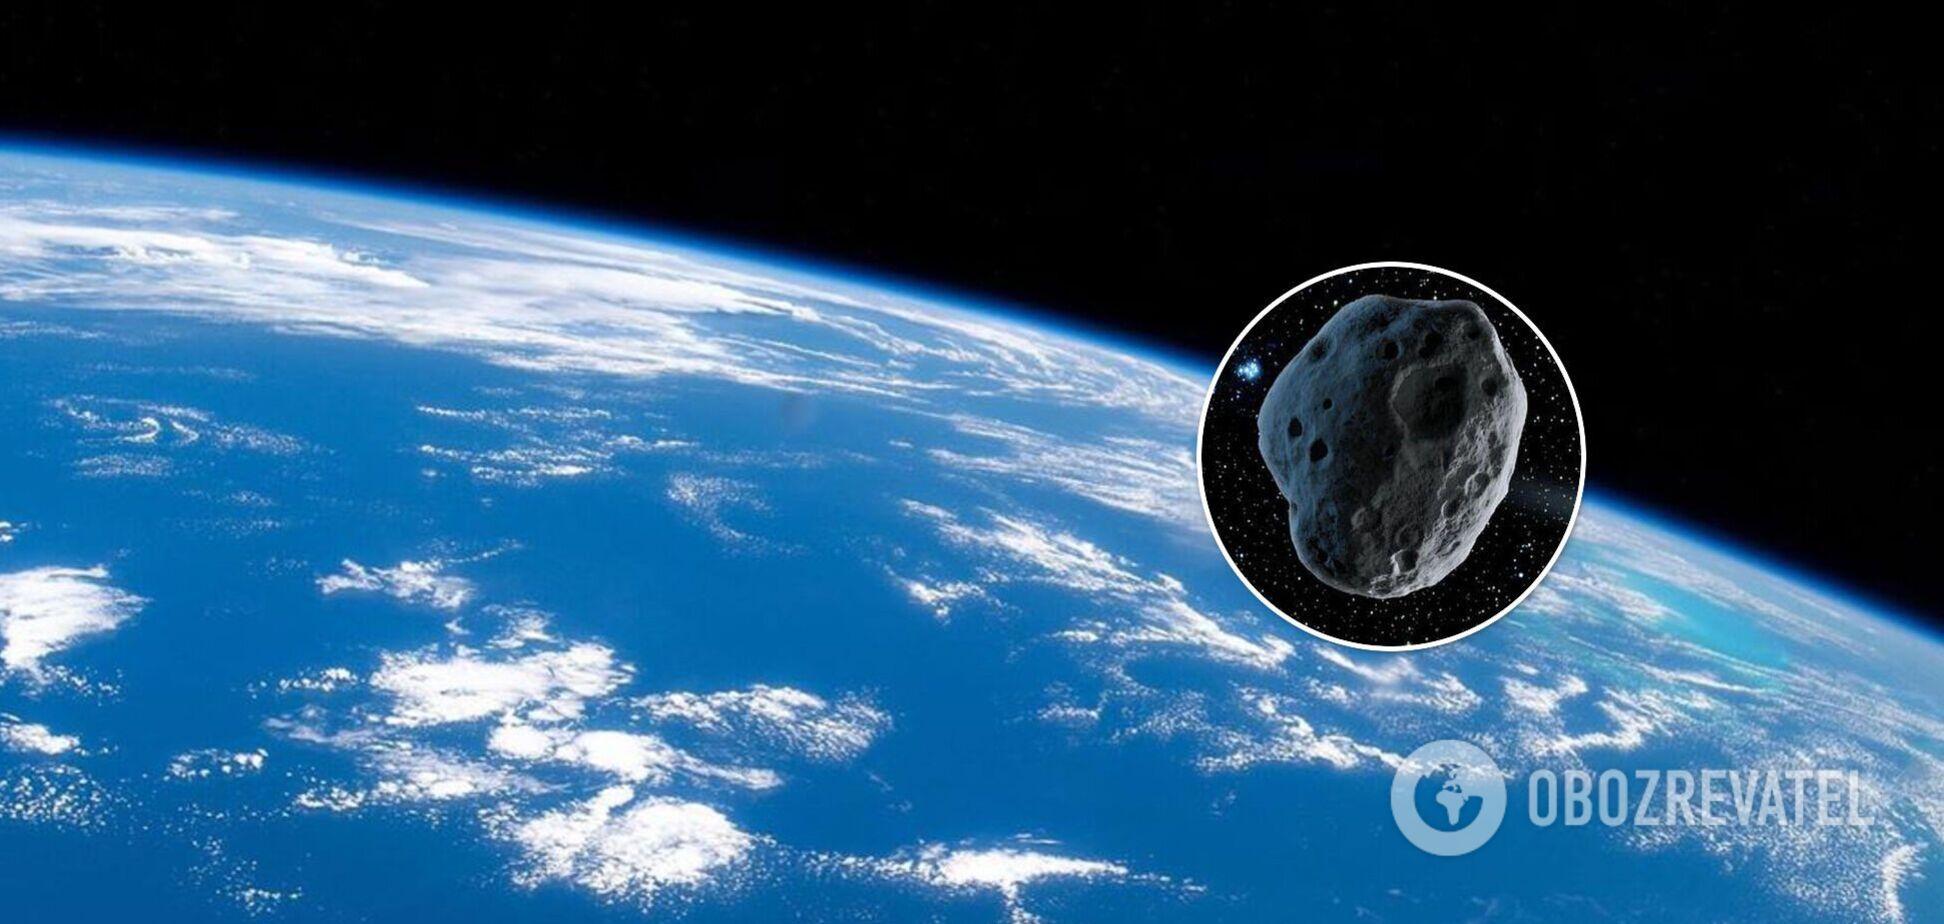 Около Земли обнаружили гигантский троянский астероид: какова его опасность